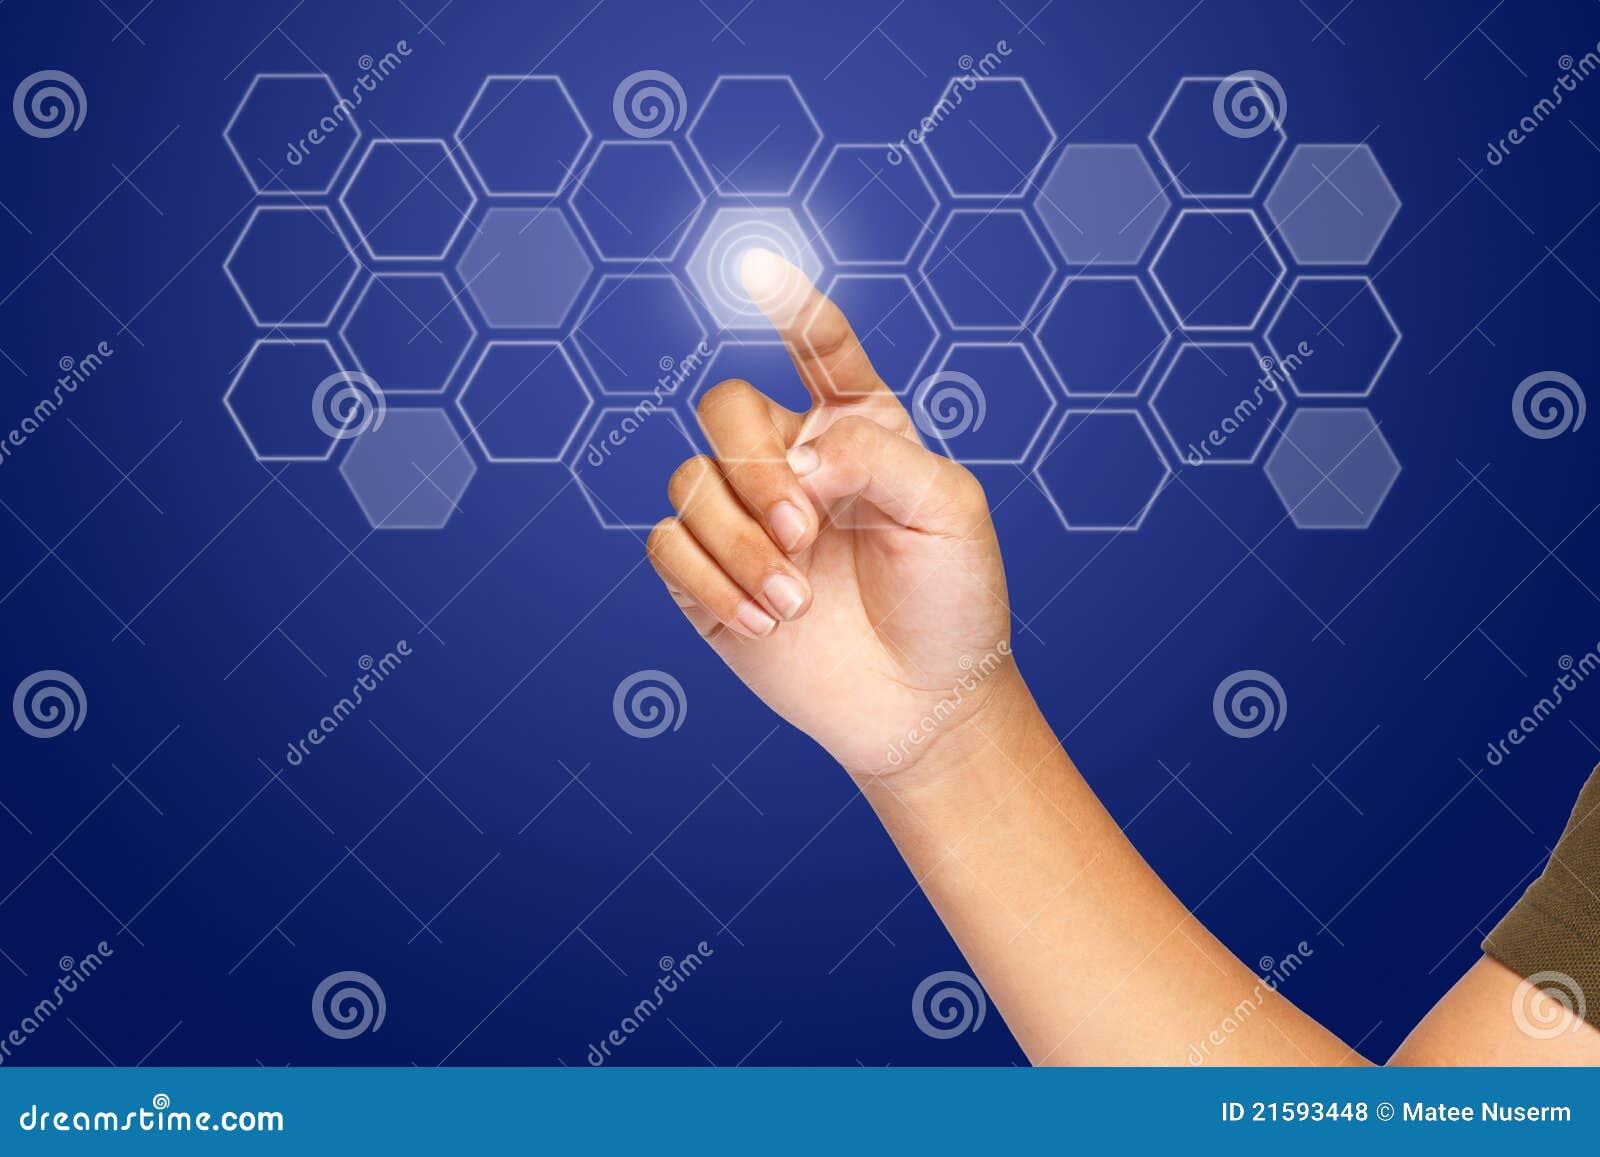 按钮单击六角形触摸屏